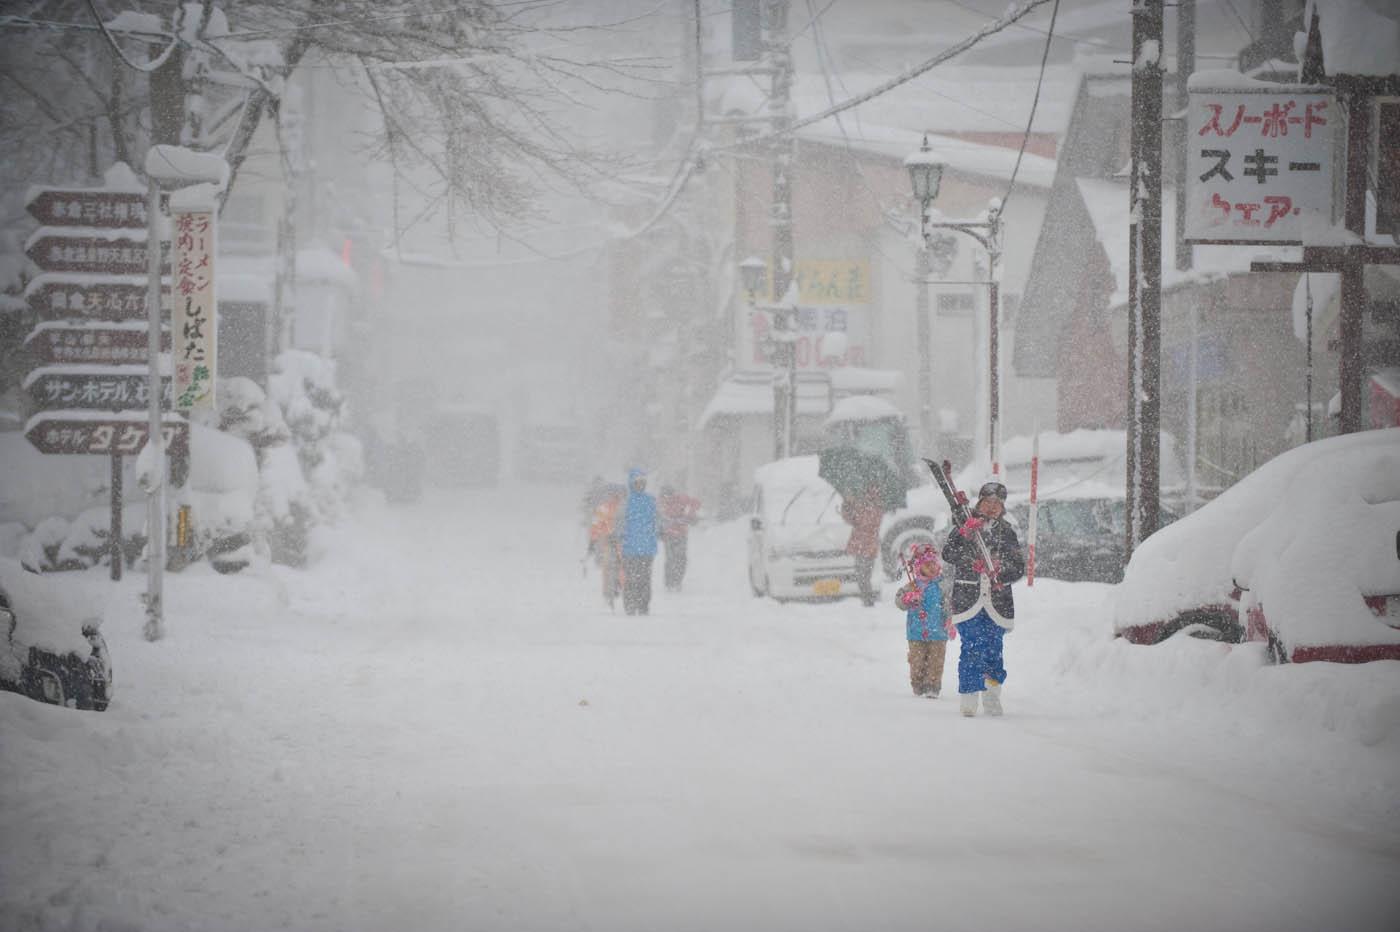 Myoko Kogen Snow Report 2 January 2014